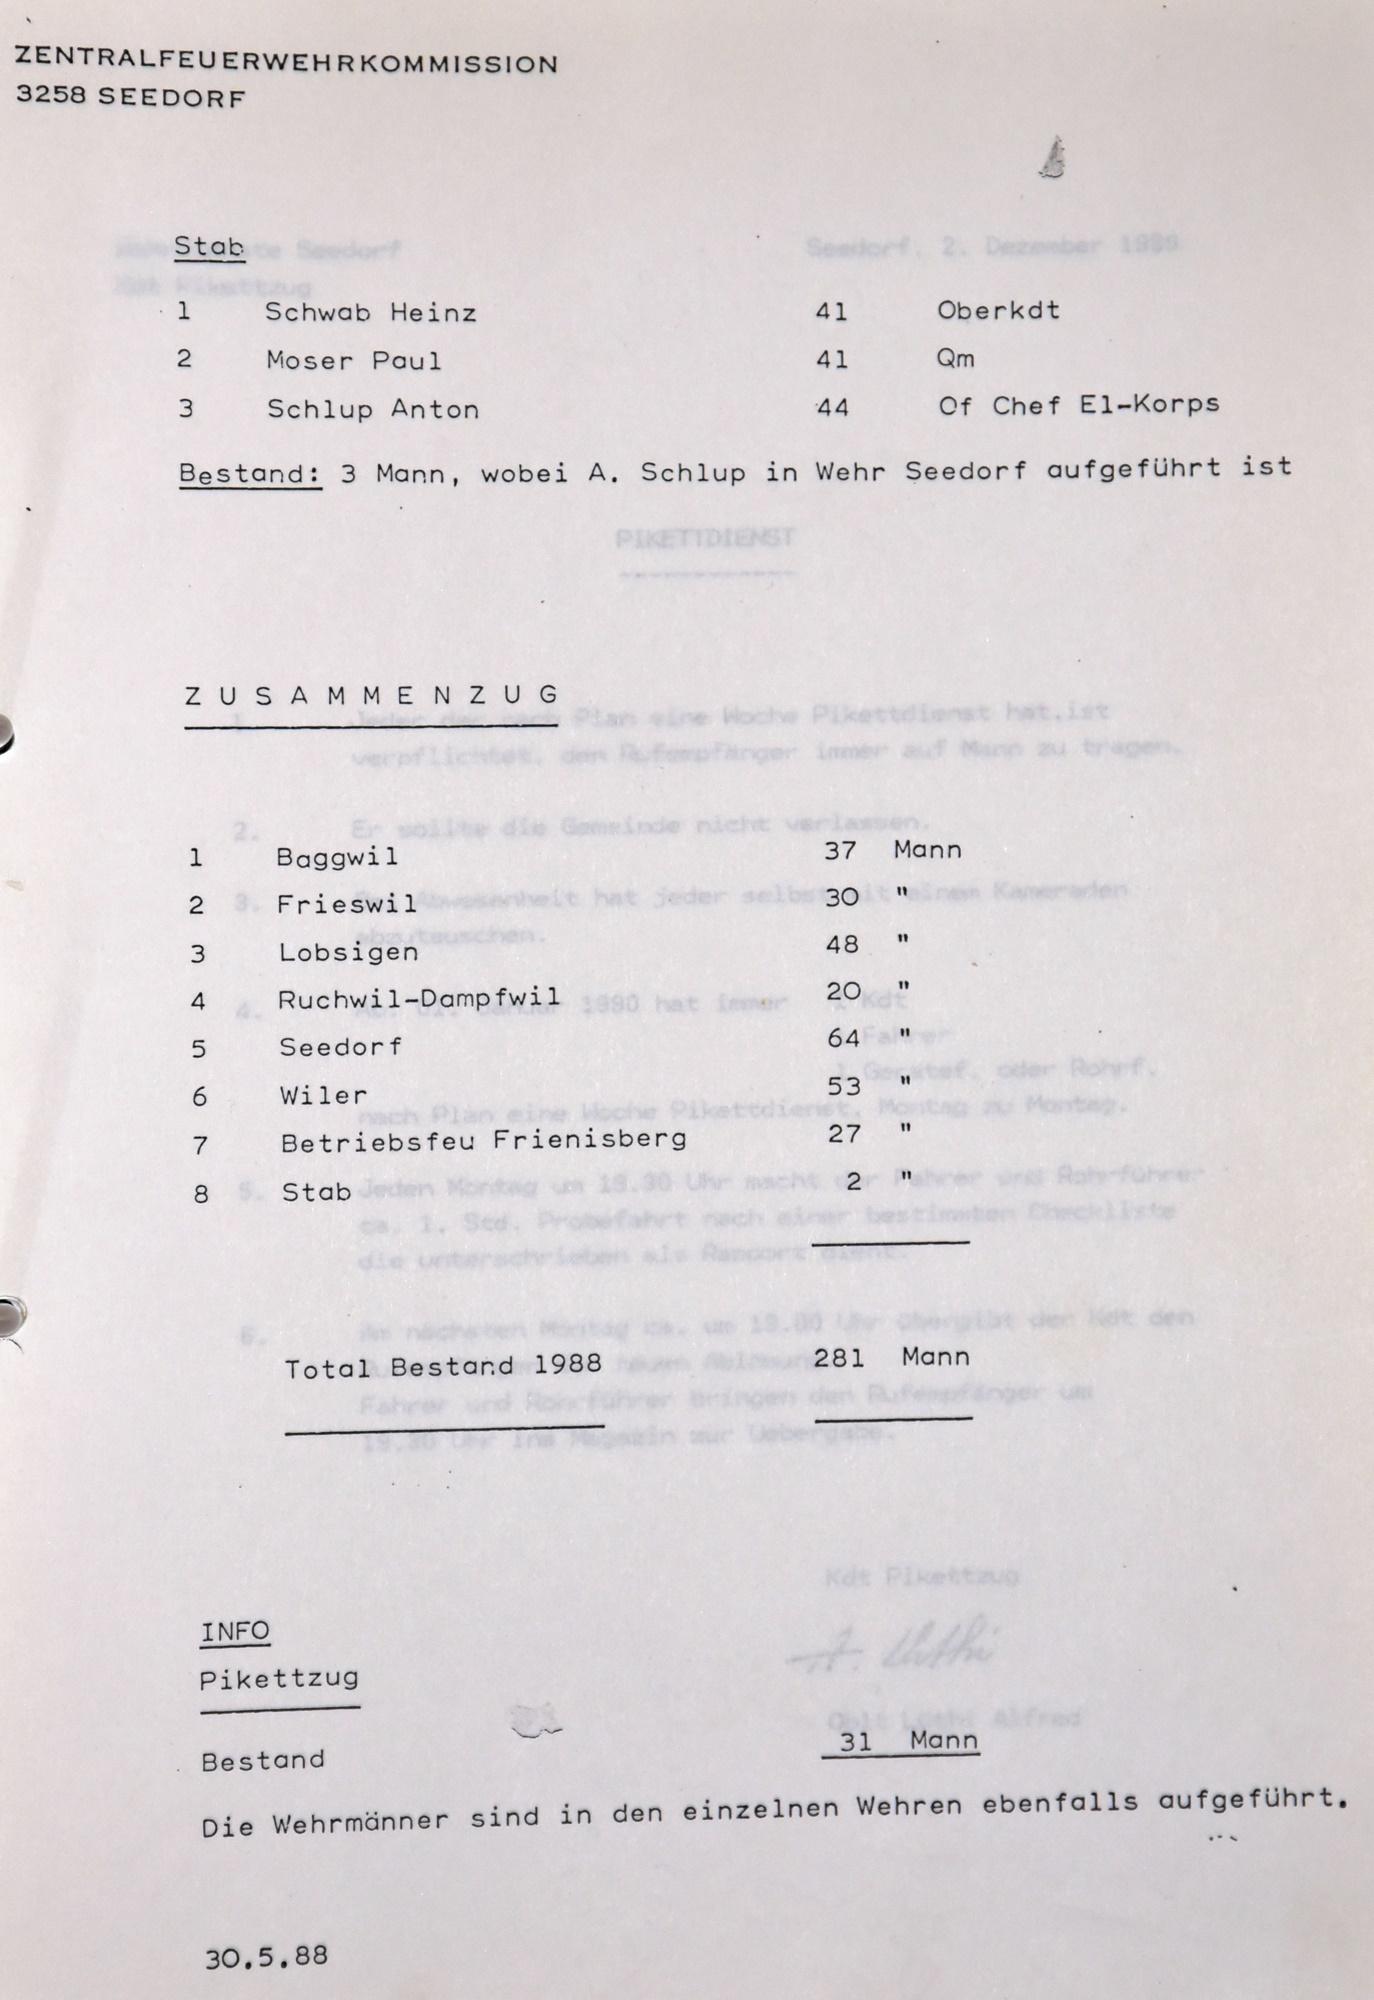 1988 Bestand